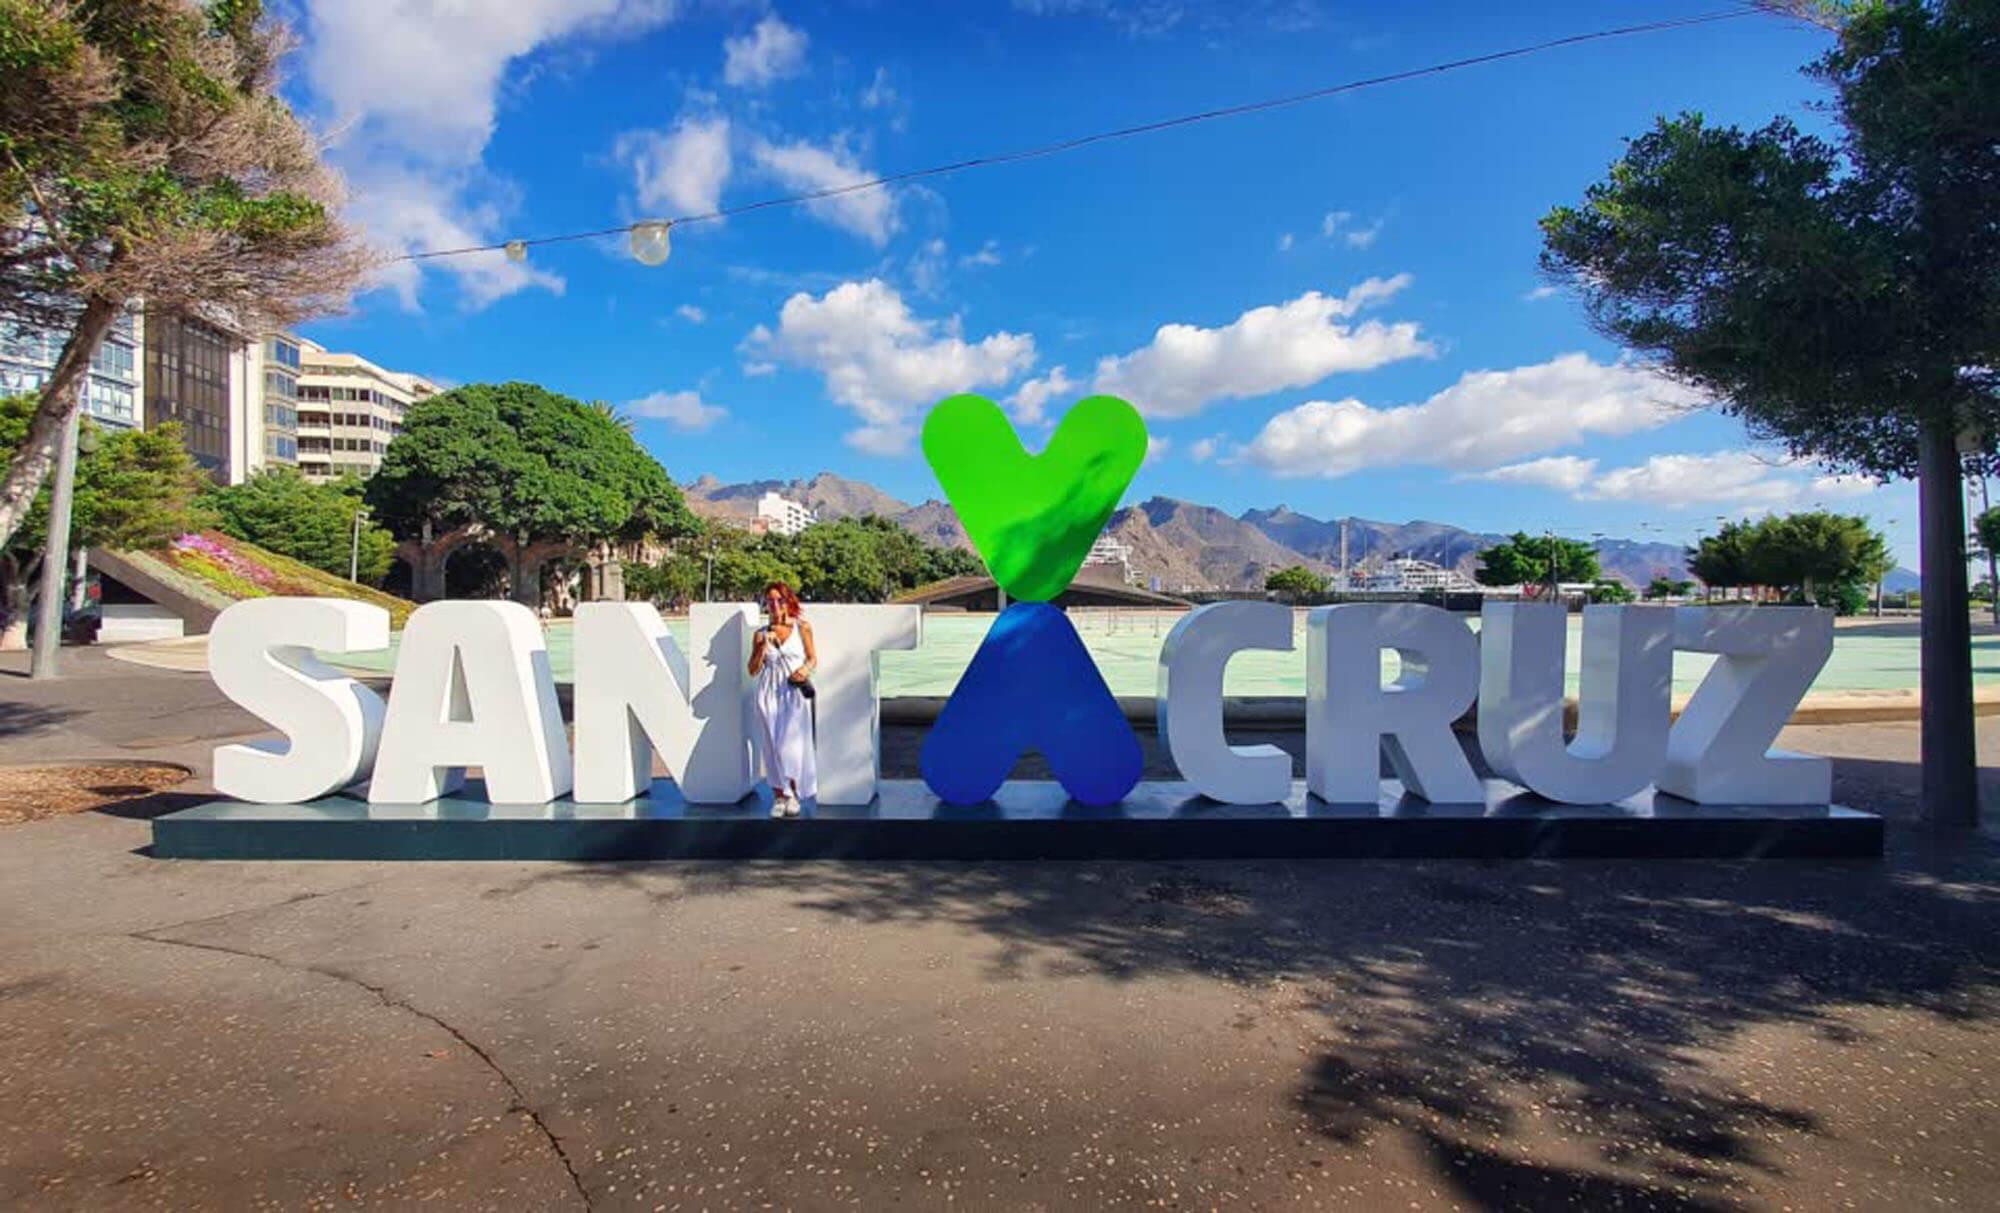 Cosa vedere a Santa Cruz de Tenerife: tutte le cose da non perdere - Todomundoebom